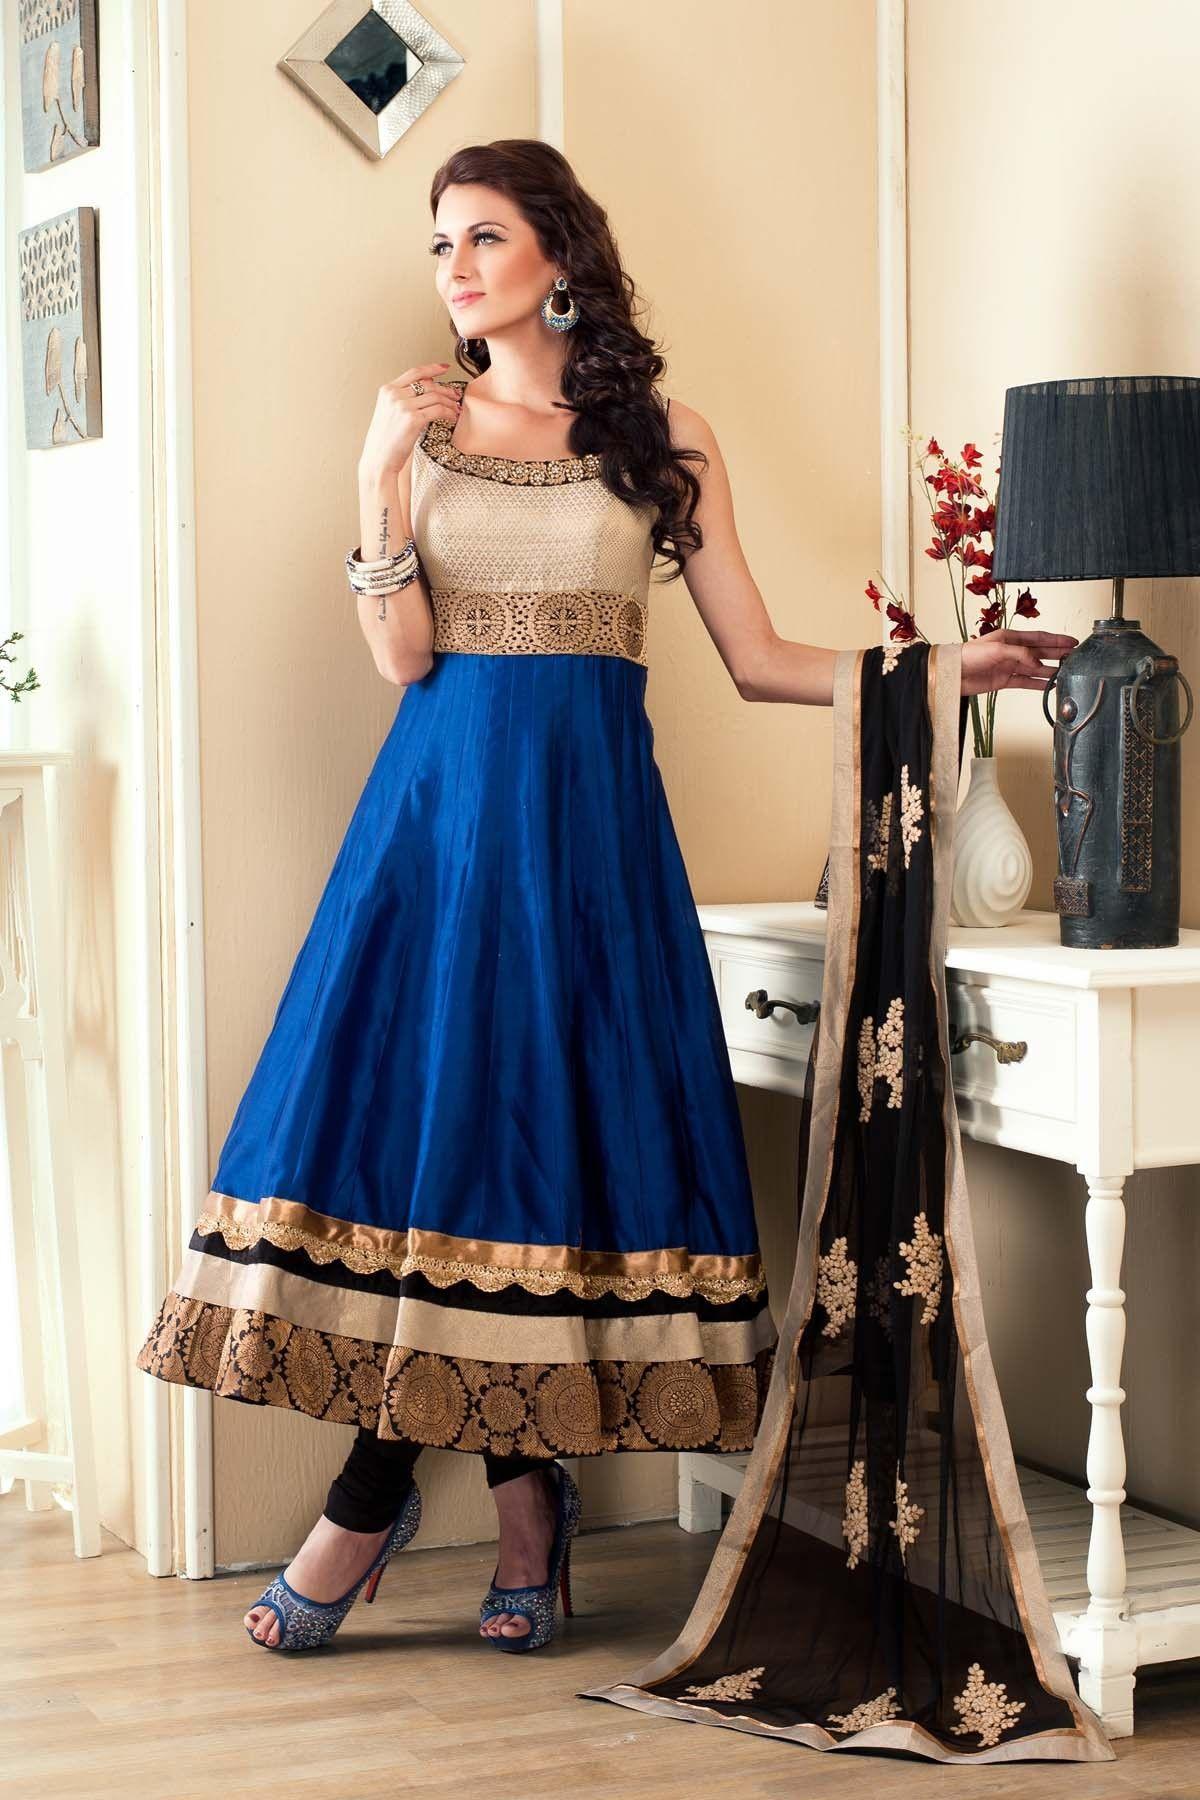 White Brocade Royal Blue Anarkali Shalwar Kameez Sl2618 Indian Anarkali Dresses Wedding Dress Suit Indian Outfits,Wearing Mothers Wedding Dress